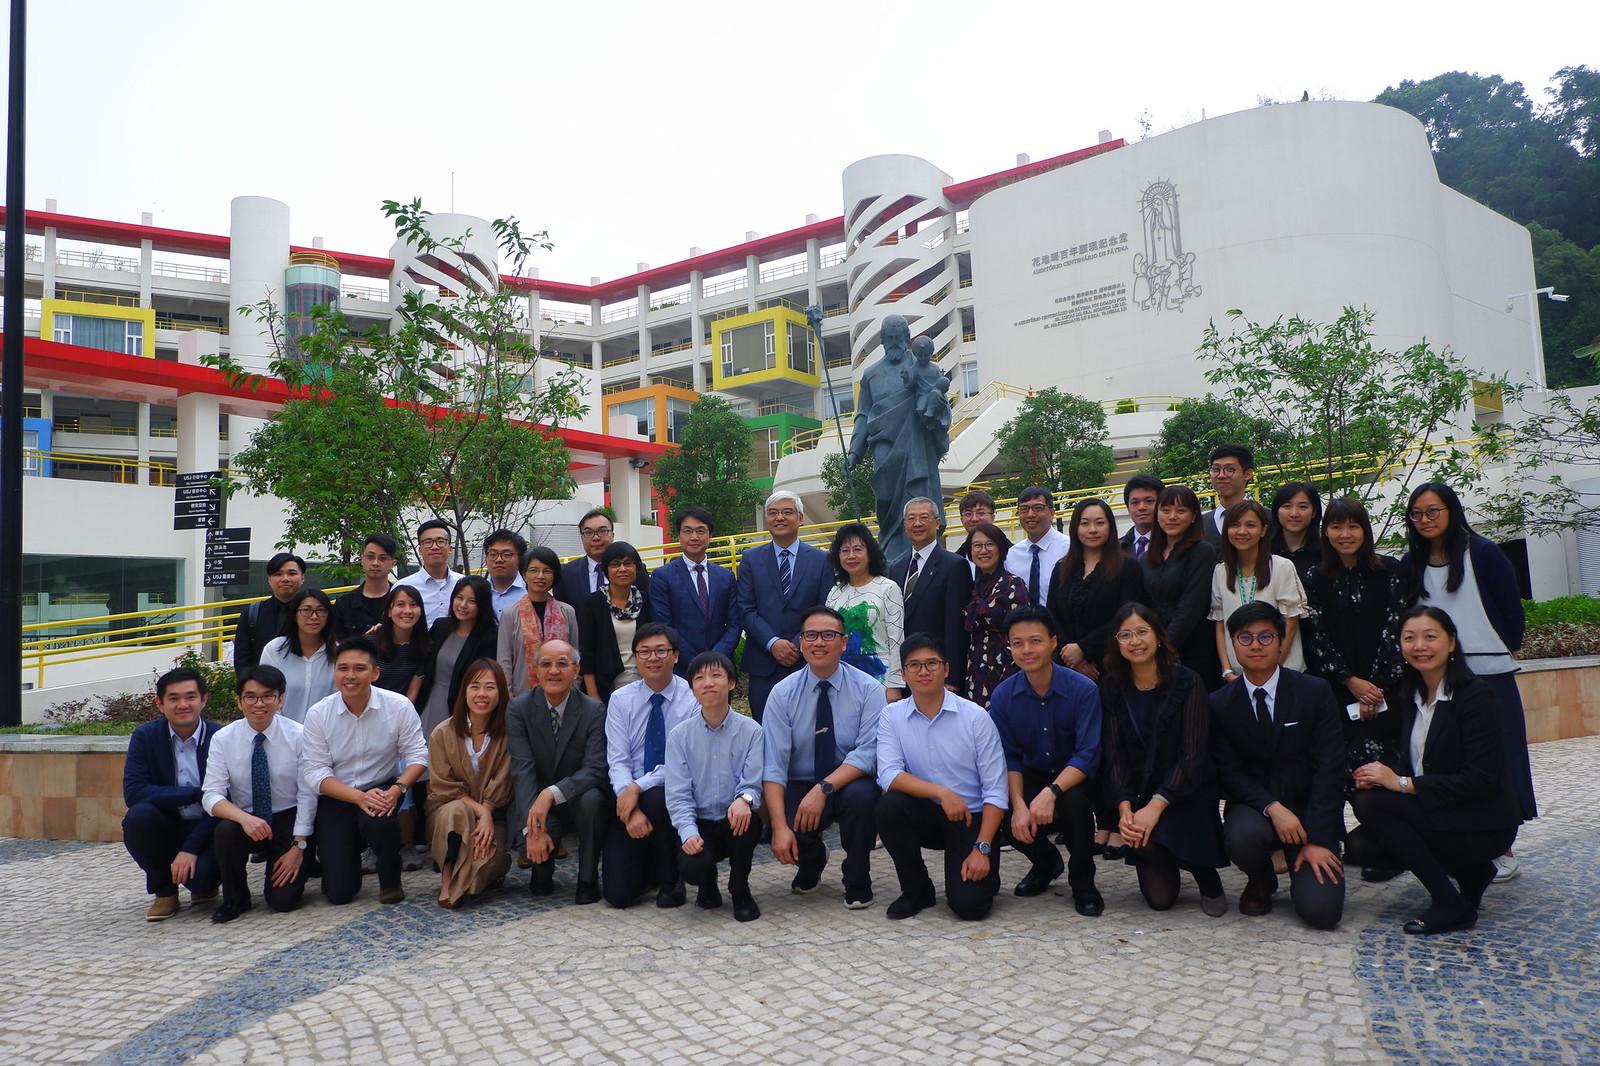 香港高主教書院參訪本校 - 聖若瑟教區中學